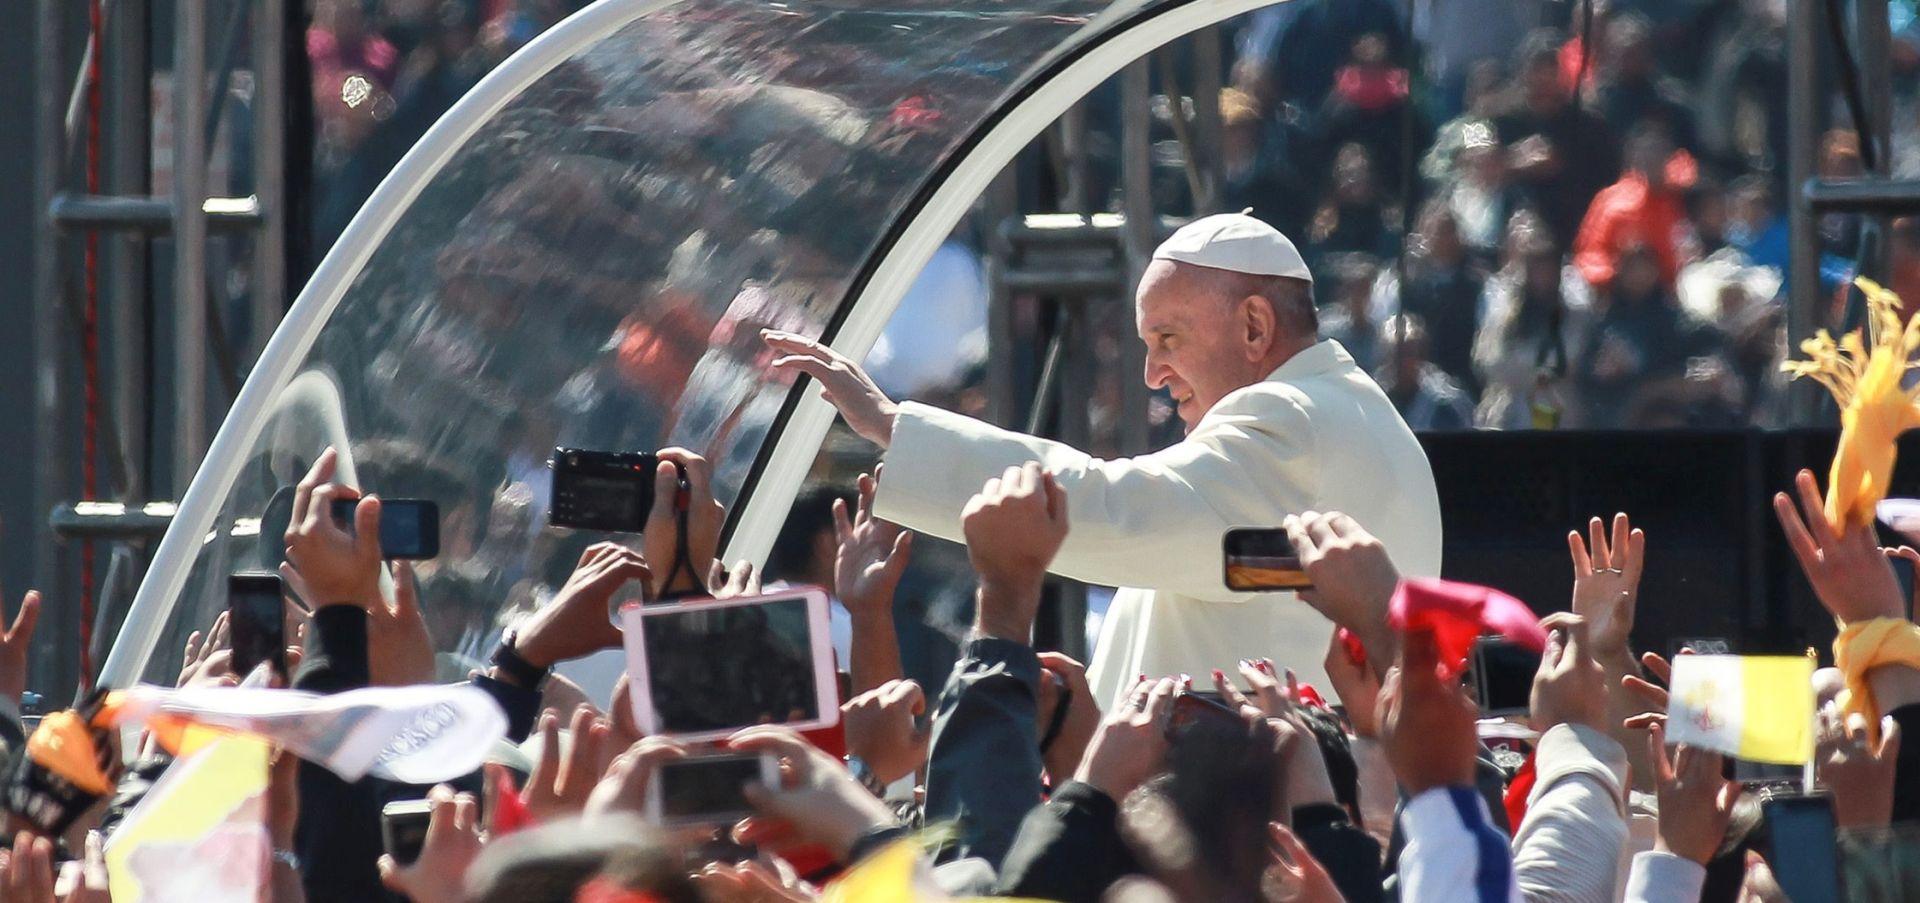 Papa Franjo zatražio od meksičkih čelnika da osiguraju pravdu i sigurnost